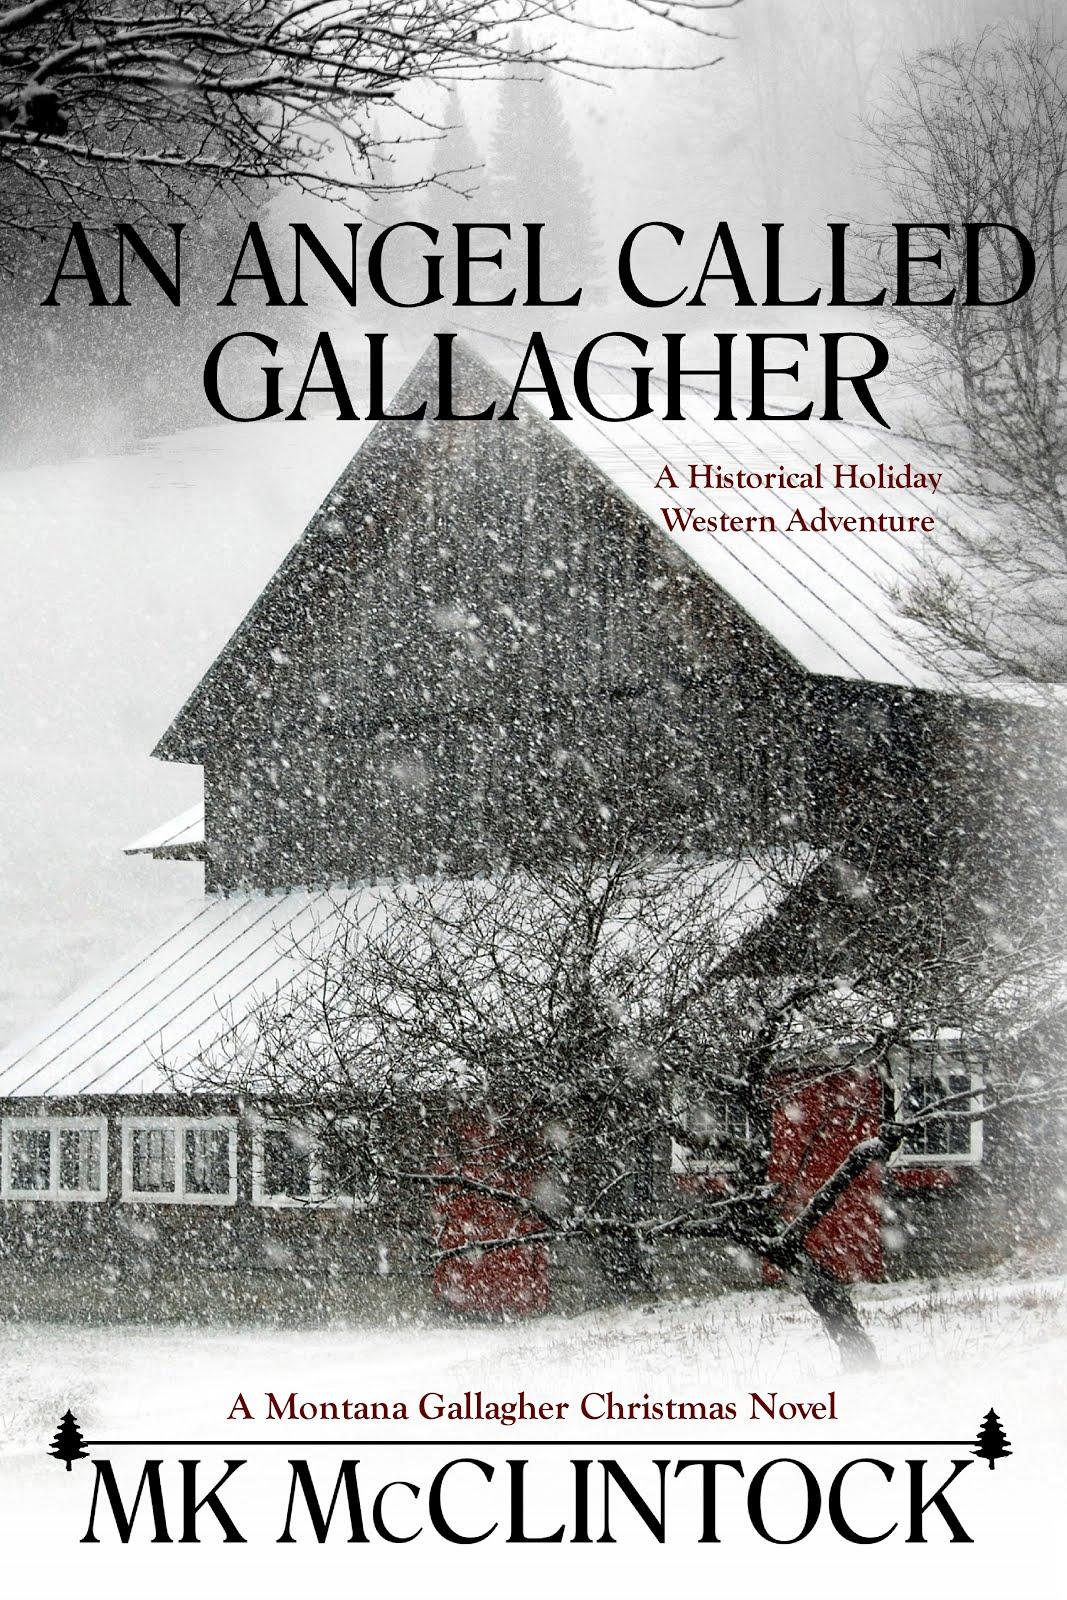 A New Montana Gallagher Novel